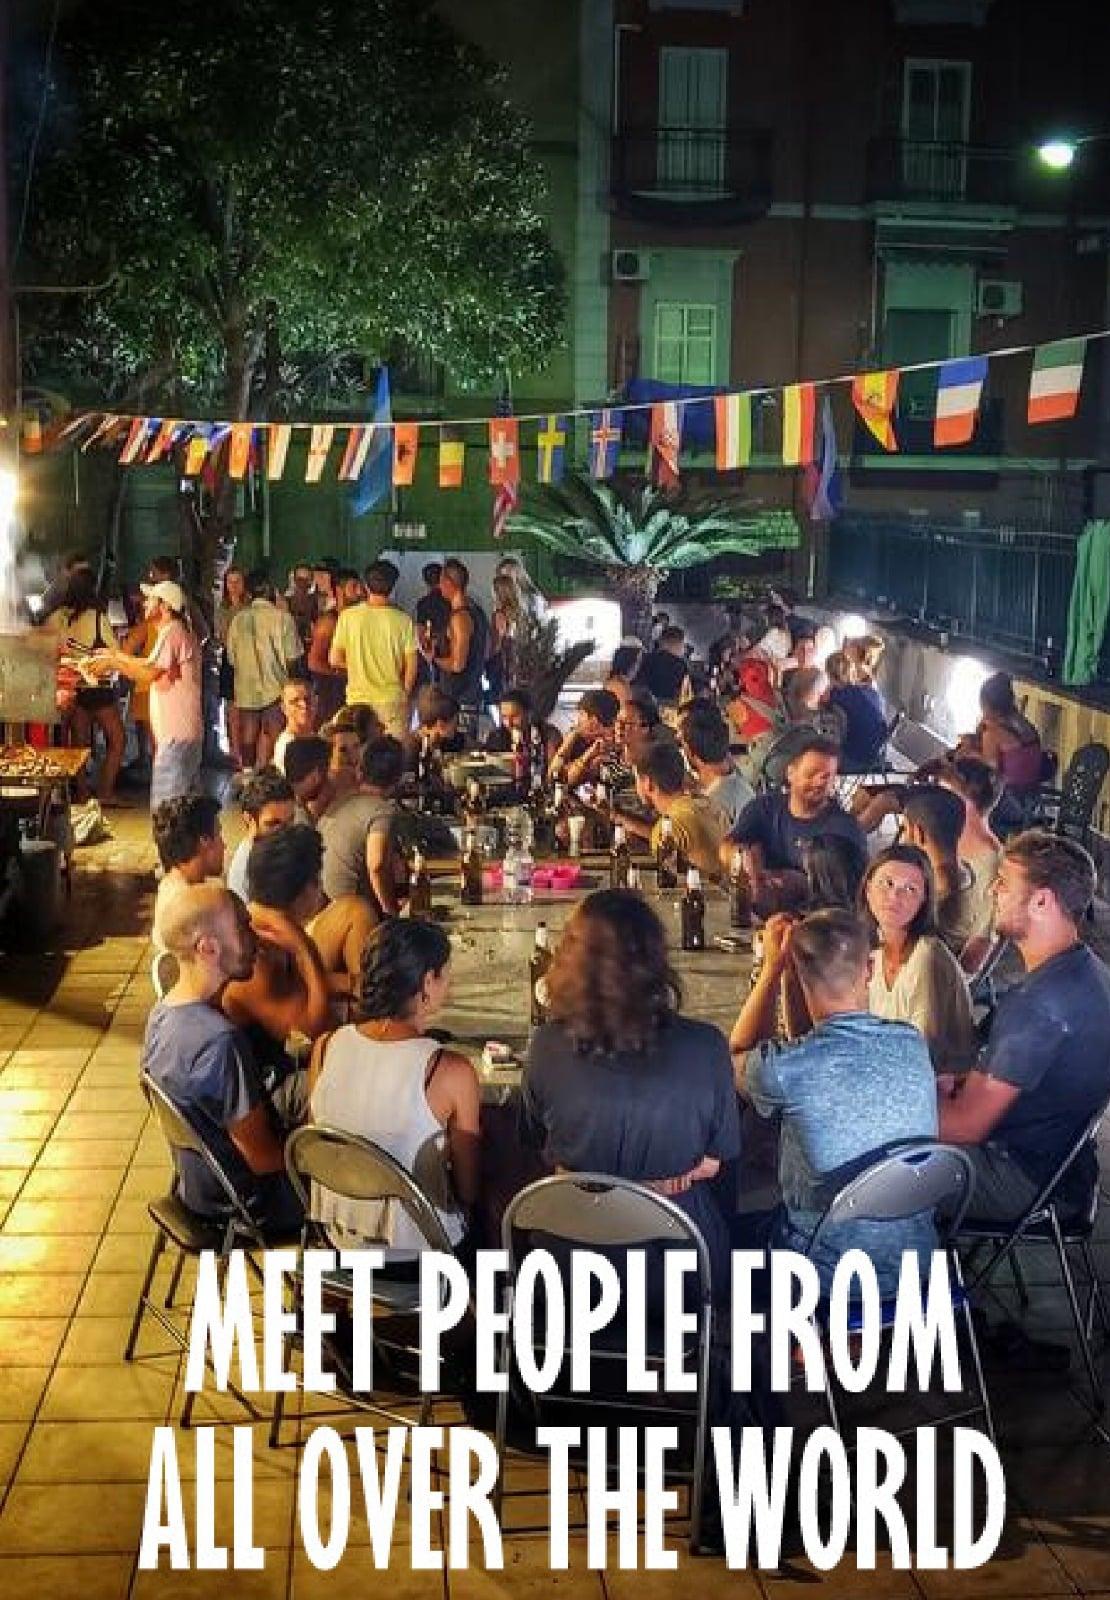 hostel exchange, scambio di ospitalità, vitto e alloggio, ostelli italiani, ospitalità gratuita, volonturismo, volontariato, volontari